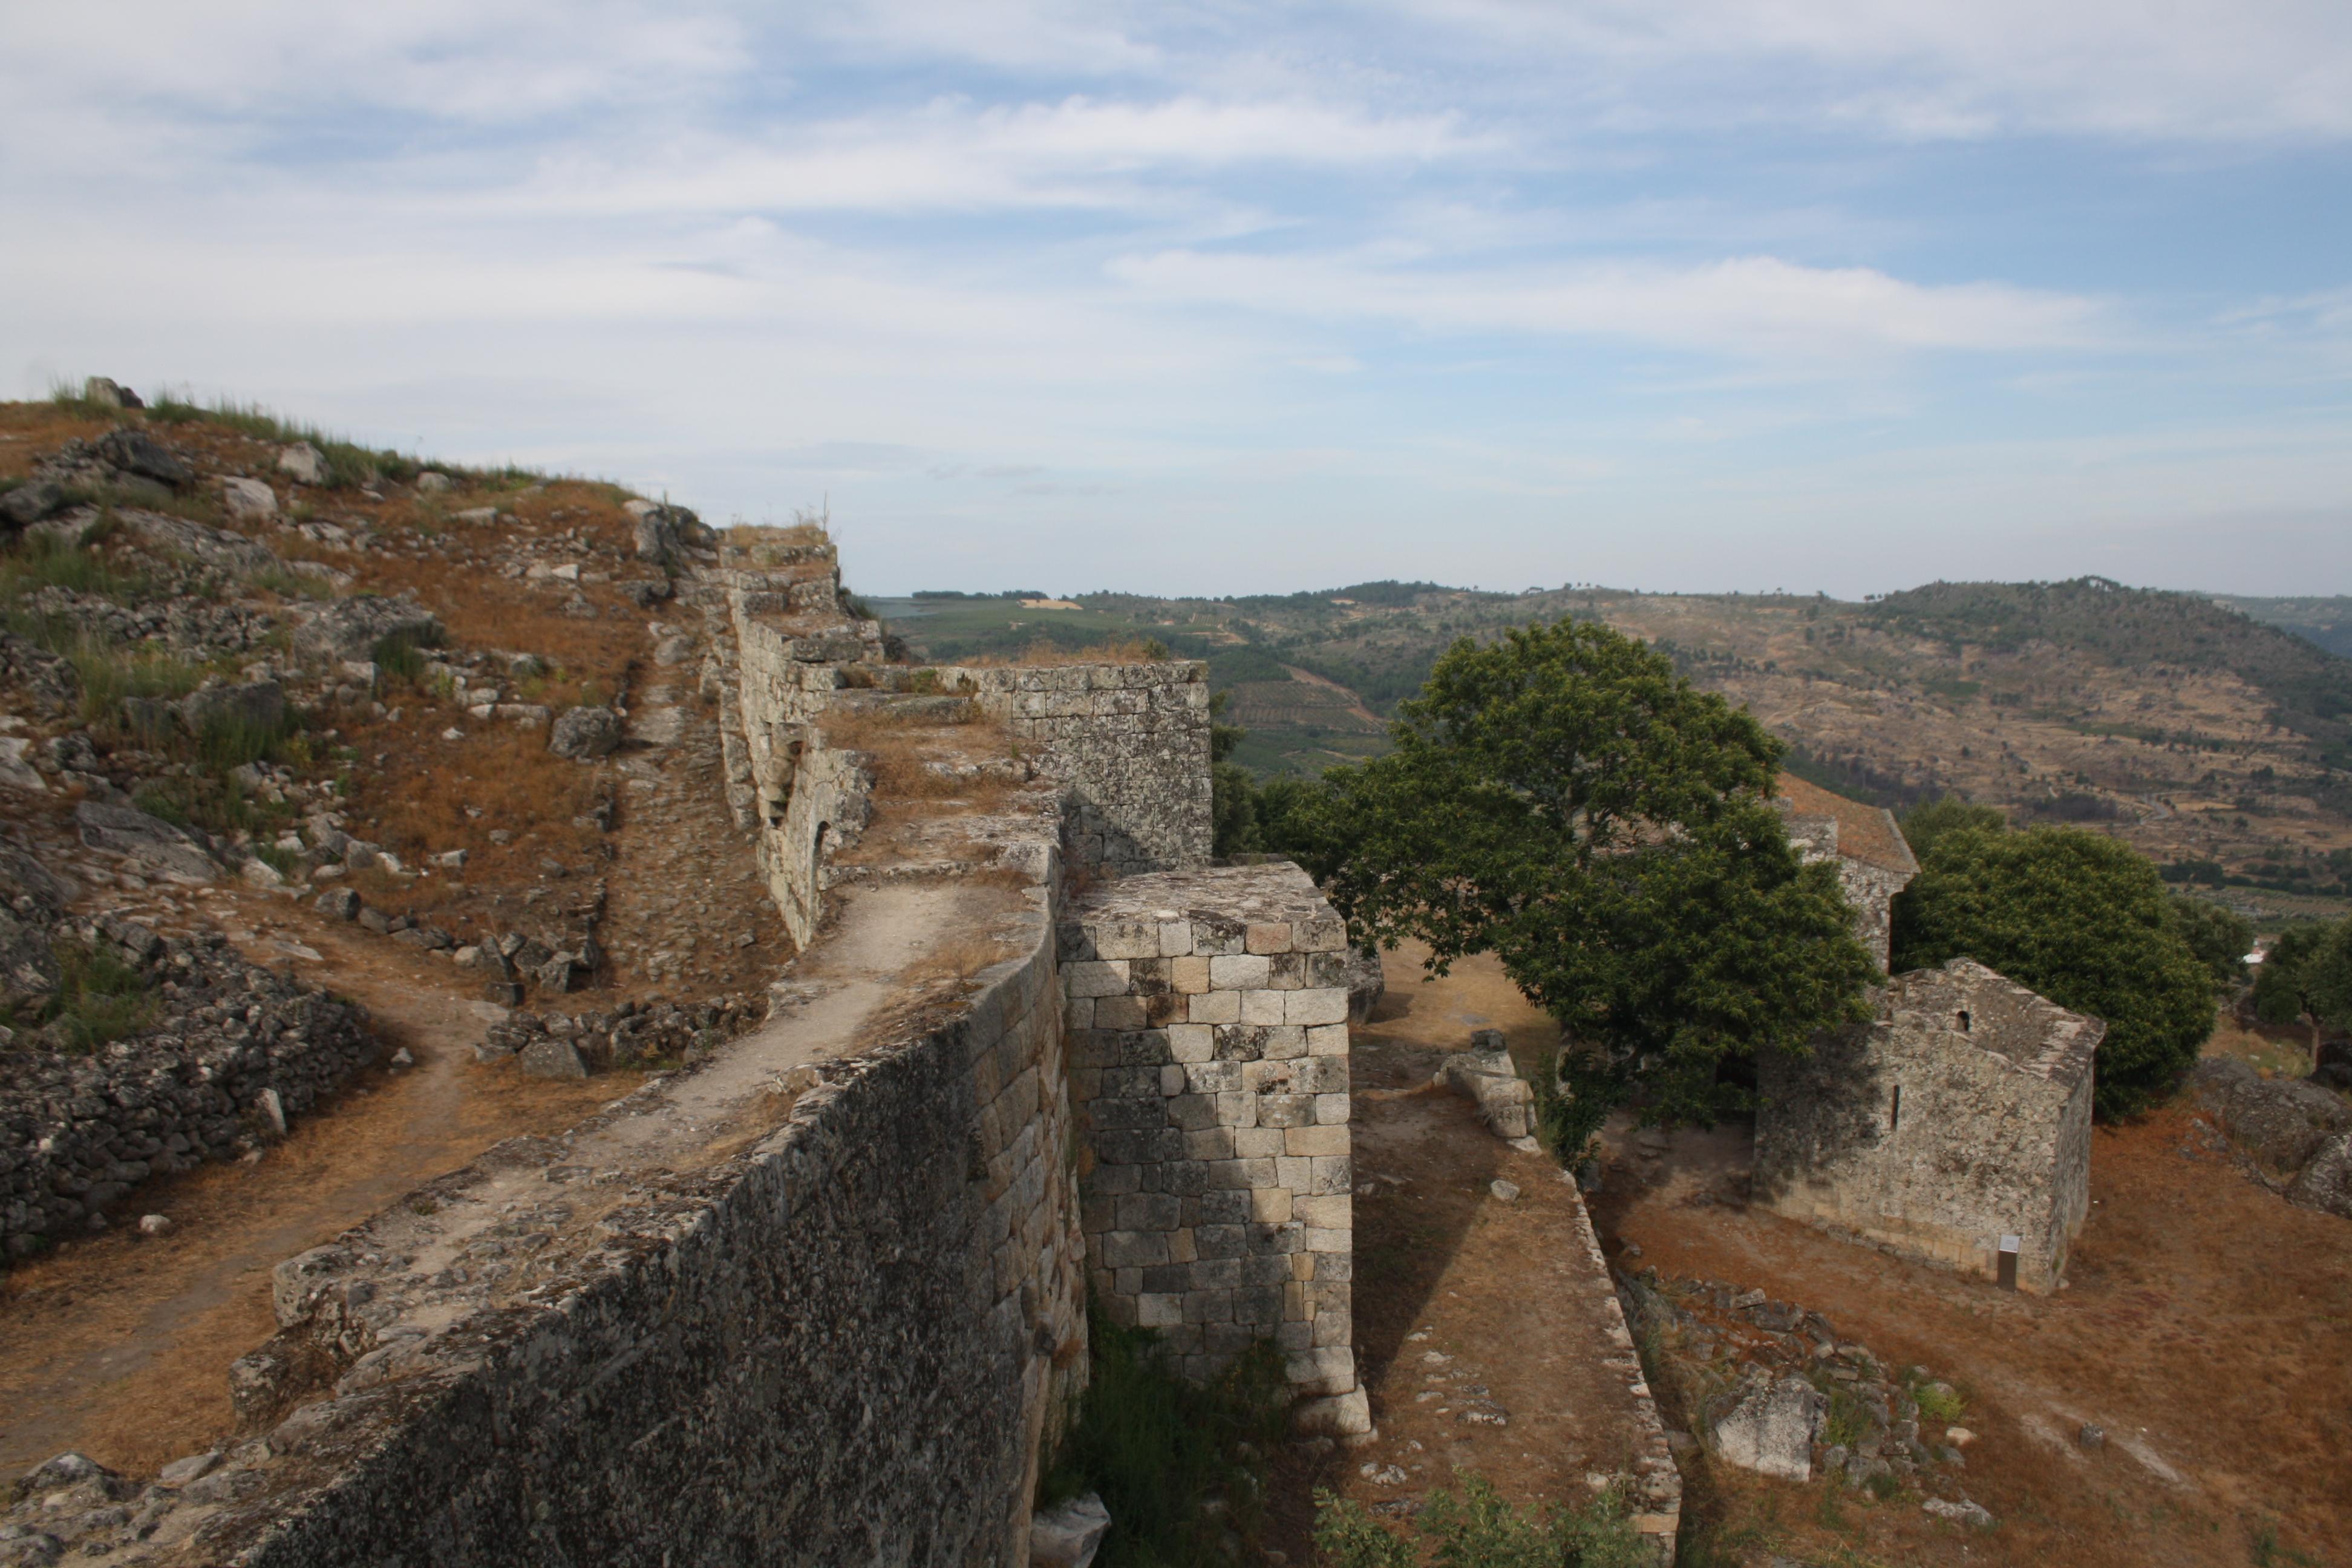 Castelo de Carrazeda de Ansiães